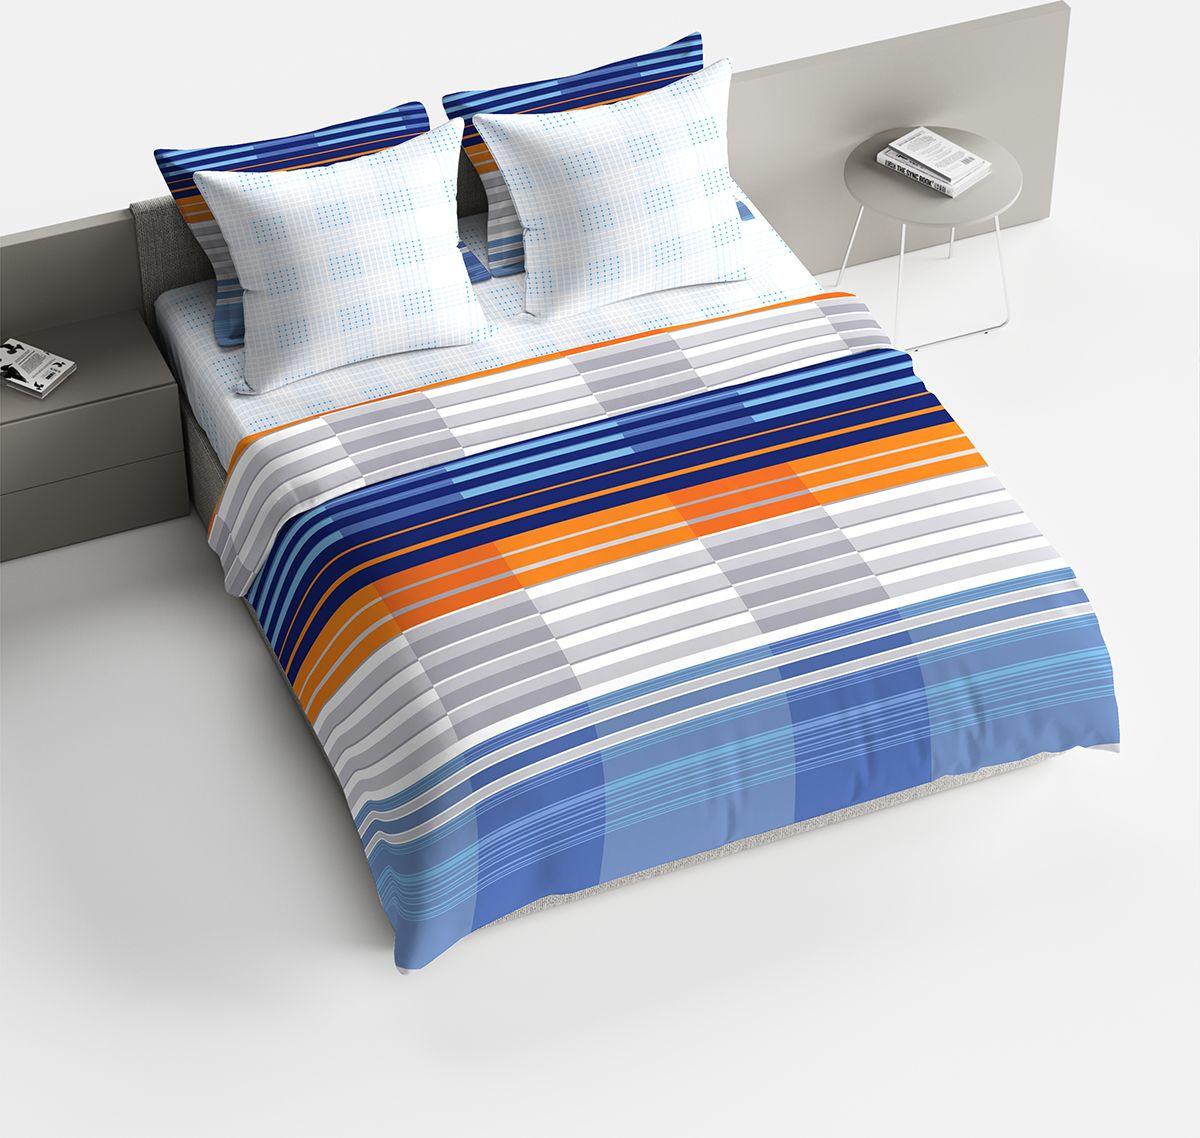 Комплект белья Браво Марино, cемейный, наволочки 70x70, цвет: синий91926Комплекты постельного белья из ткани LUX COTTON (высококачественный поплин), сотканной из длинноволокнистого египетского хлопка, созданы специально для людей с оригинальным вкусом, предпочитающим современные решения в интерьере. Обновленная стильная упаковка делает этот комплект отличным подарком. • Равноплотная ткань из 100% хлопка; • Обработана по технологии мерсеризации и санфоризации; • Мягкая и нежная на ощупь; • Устойчива к трению; • Обладает высокими показателями гигроскопичности (впитывает влагу); • Выдерживает частые стирки, сохраняя первоначальные цвет, форму и размеры; • Безопасные красители ведущего немецкого производителя BEZEMA